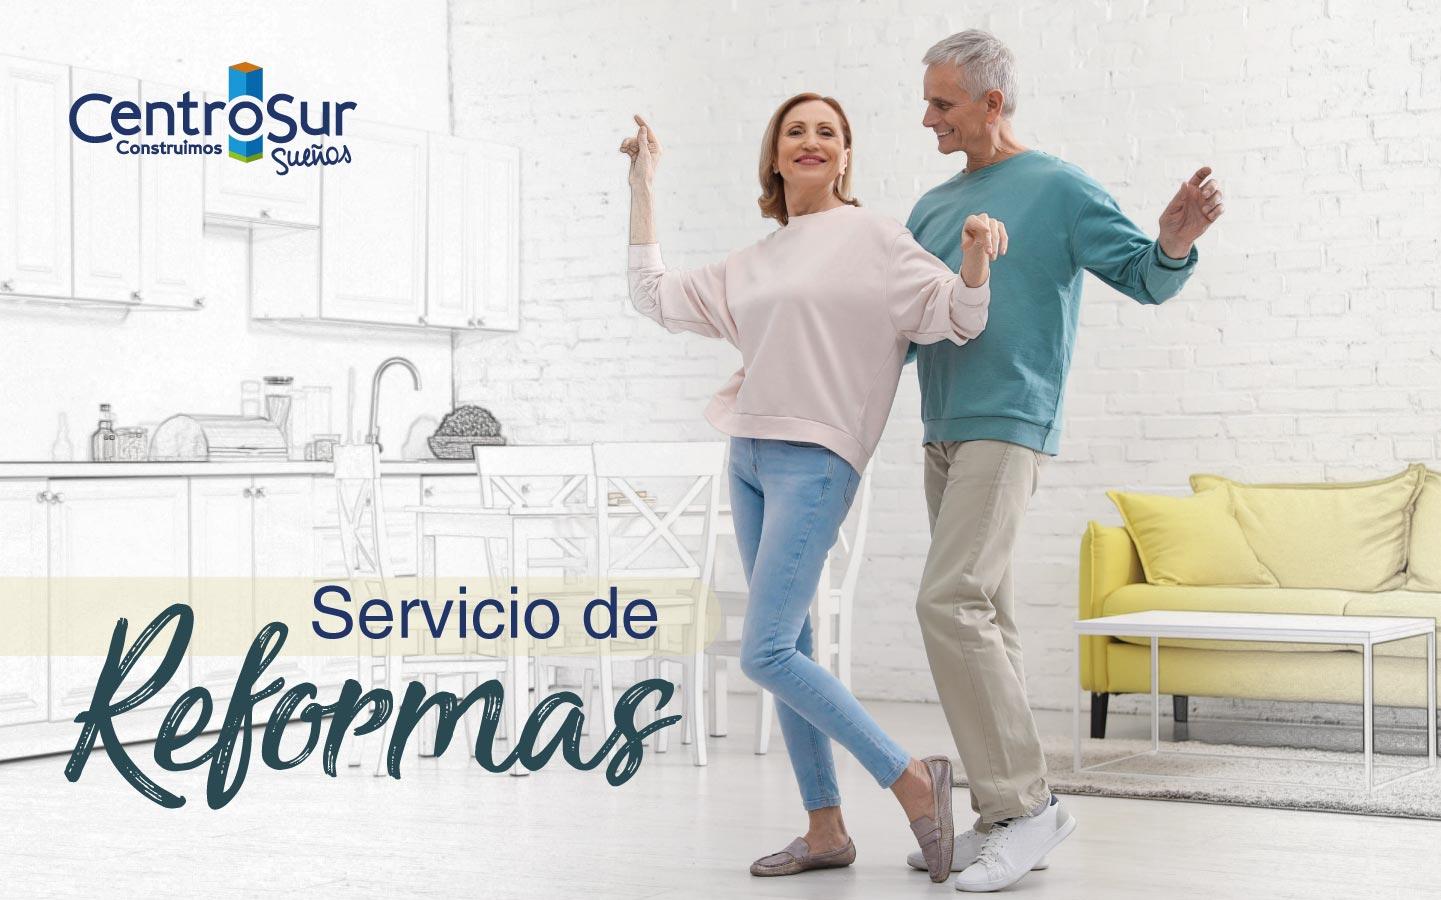 Servicio de Reformas Centro Sur constructora en Medellín